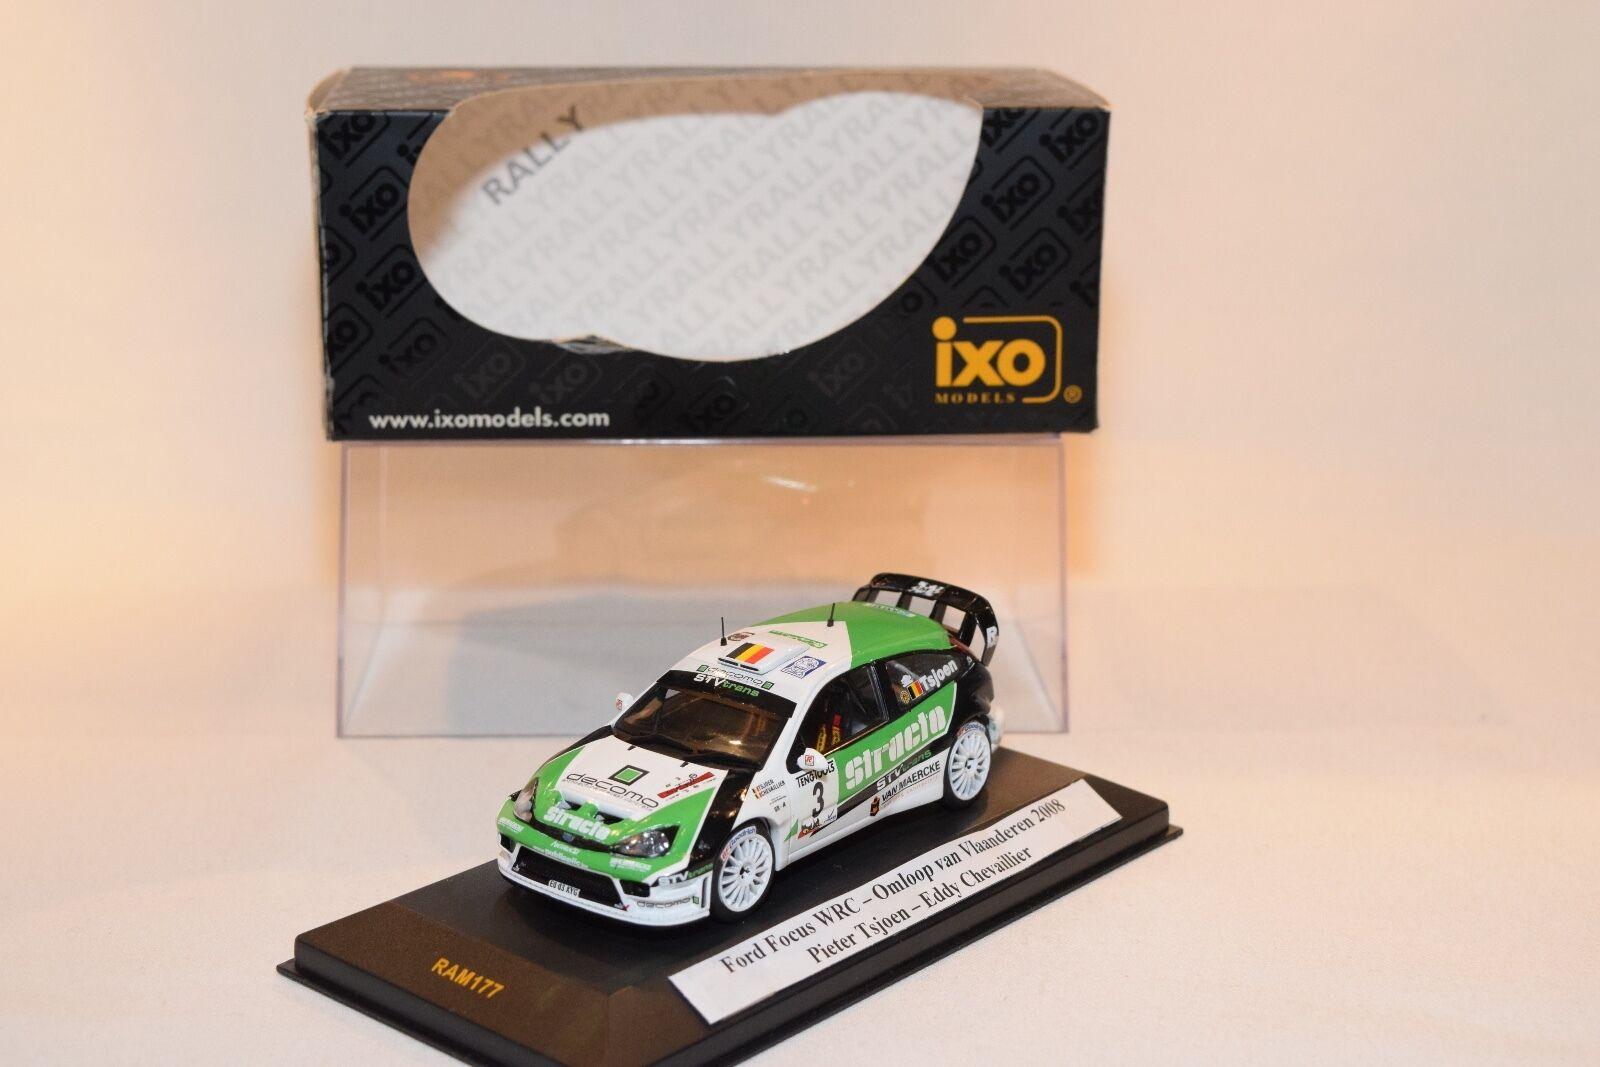 IXO IXO IXO FORD FOCUS WRC OMLOOP VAN VLAANDEREN 2008 TSJOEN CHEVAILLIER MIB UMBAU 707976